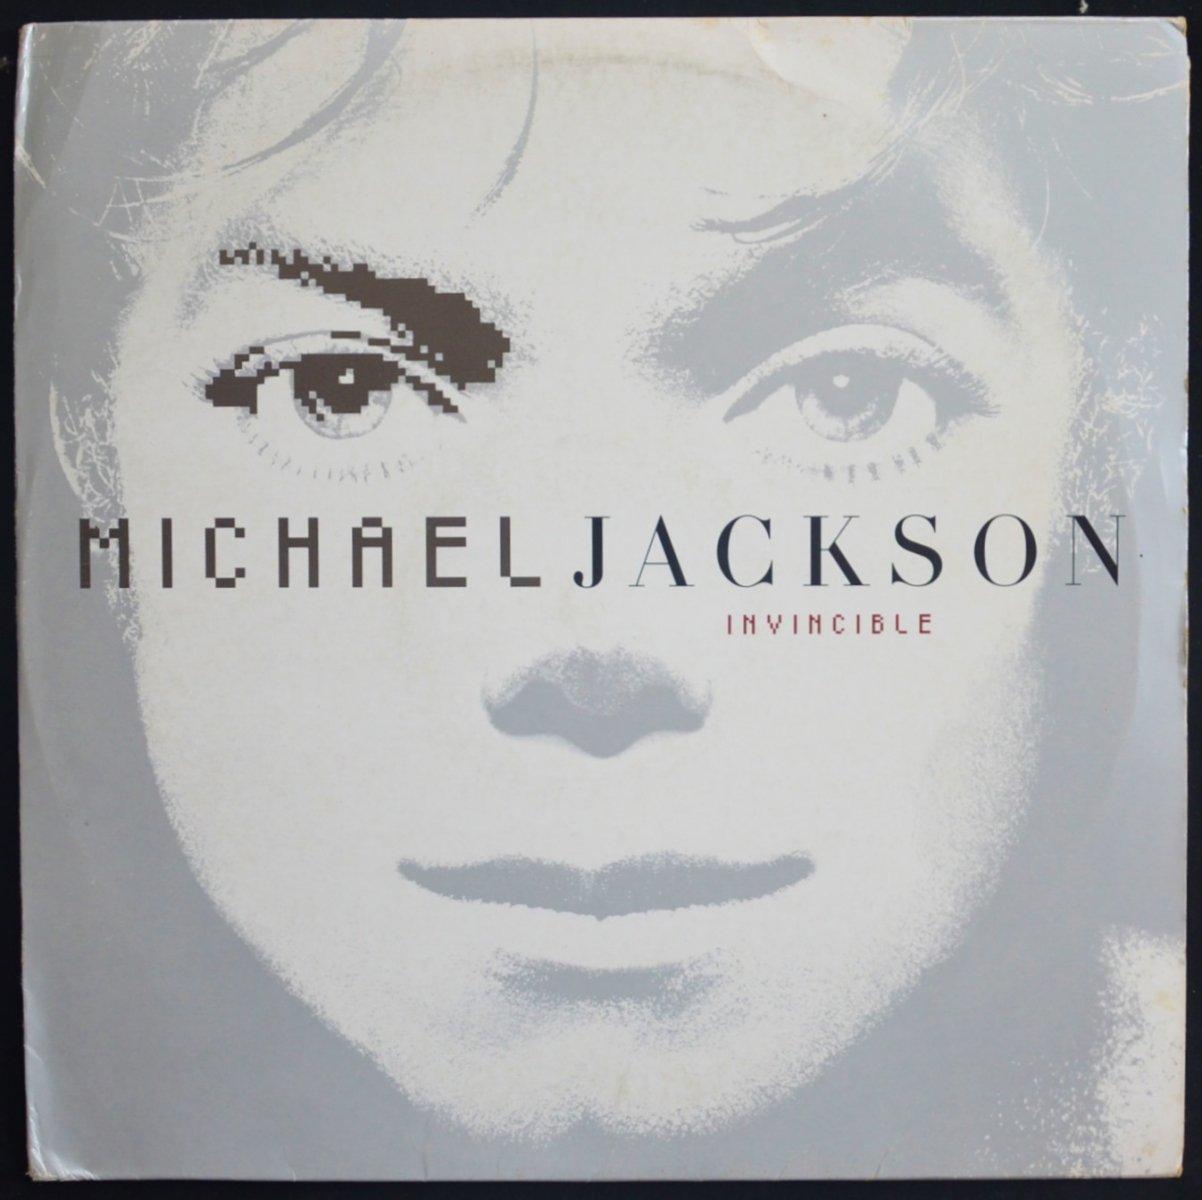 MICHAEL JACKSON / INVINCIBLE (2LP)